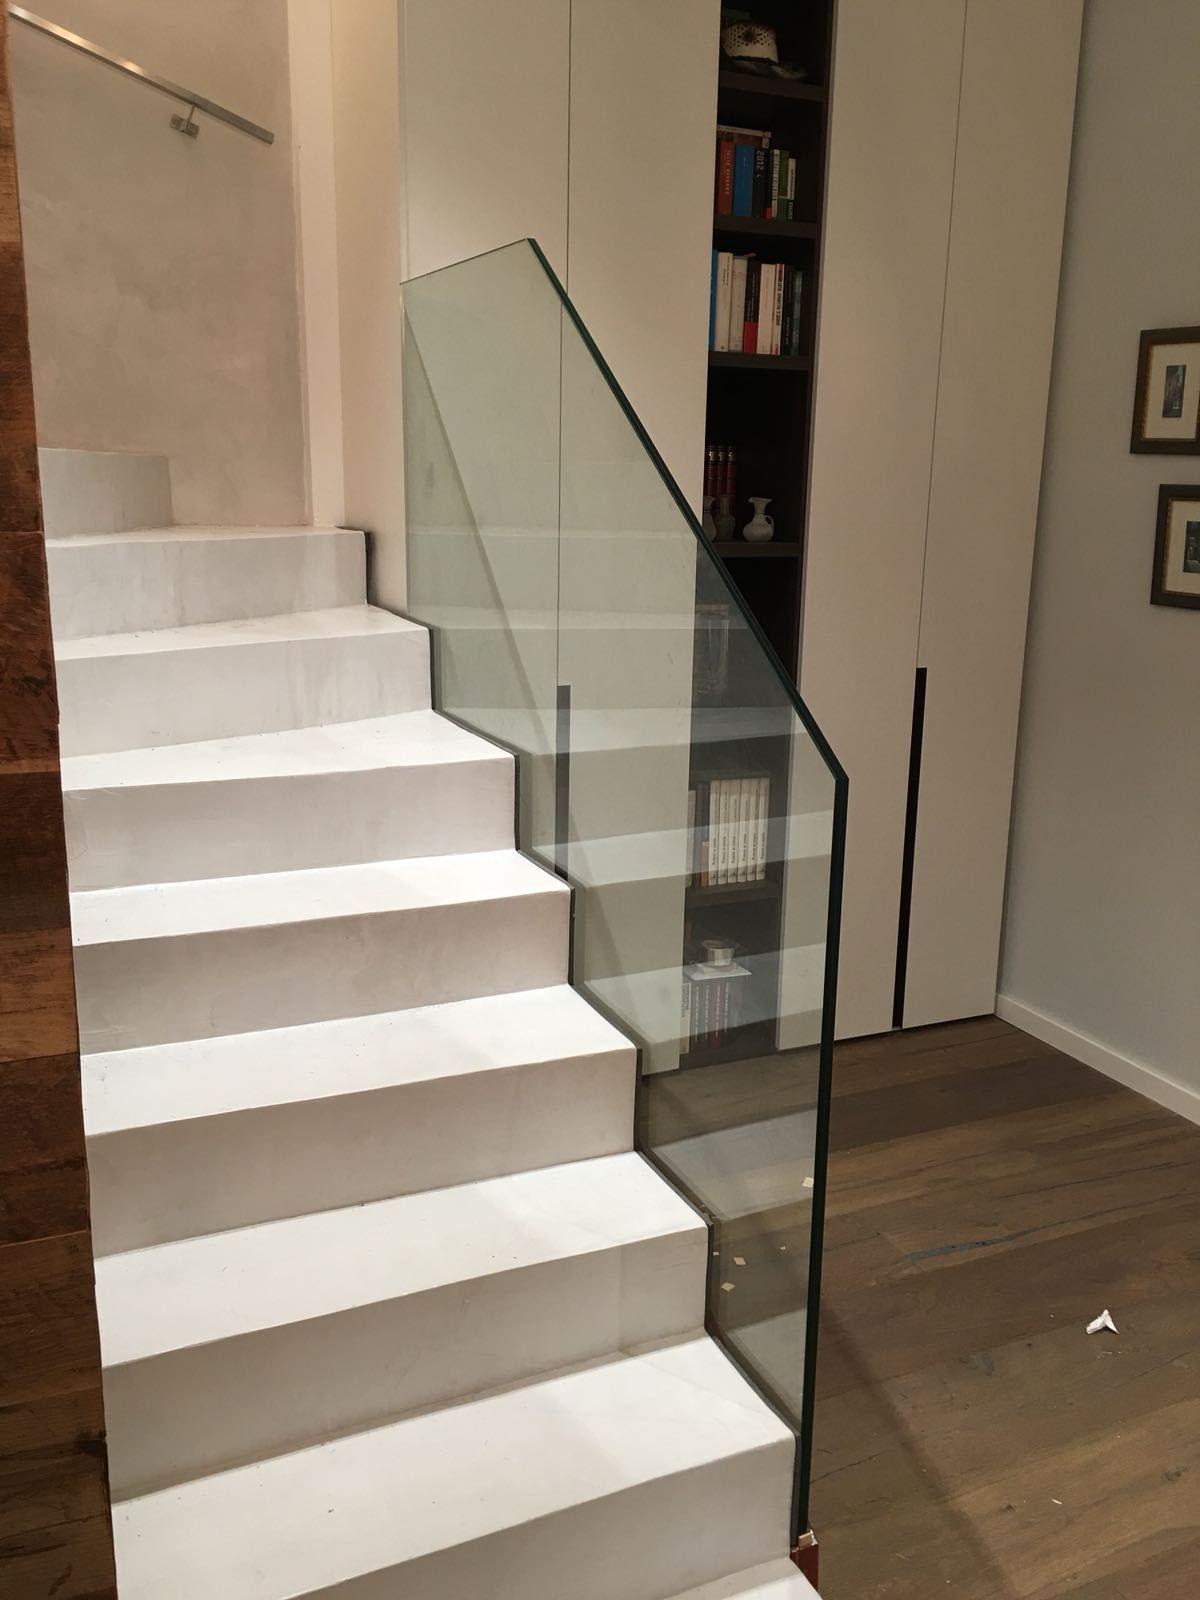 Barandillas y escaleras: Productos y servicios de Cristalería Jiménez